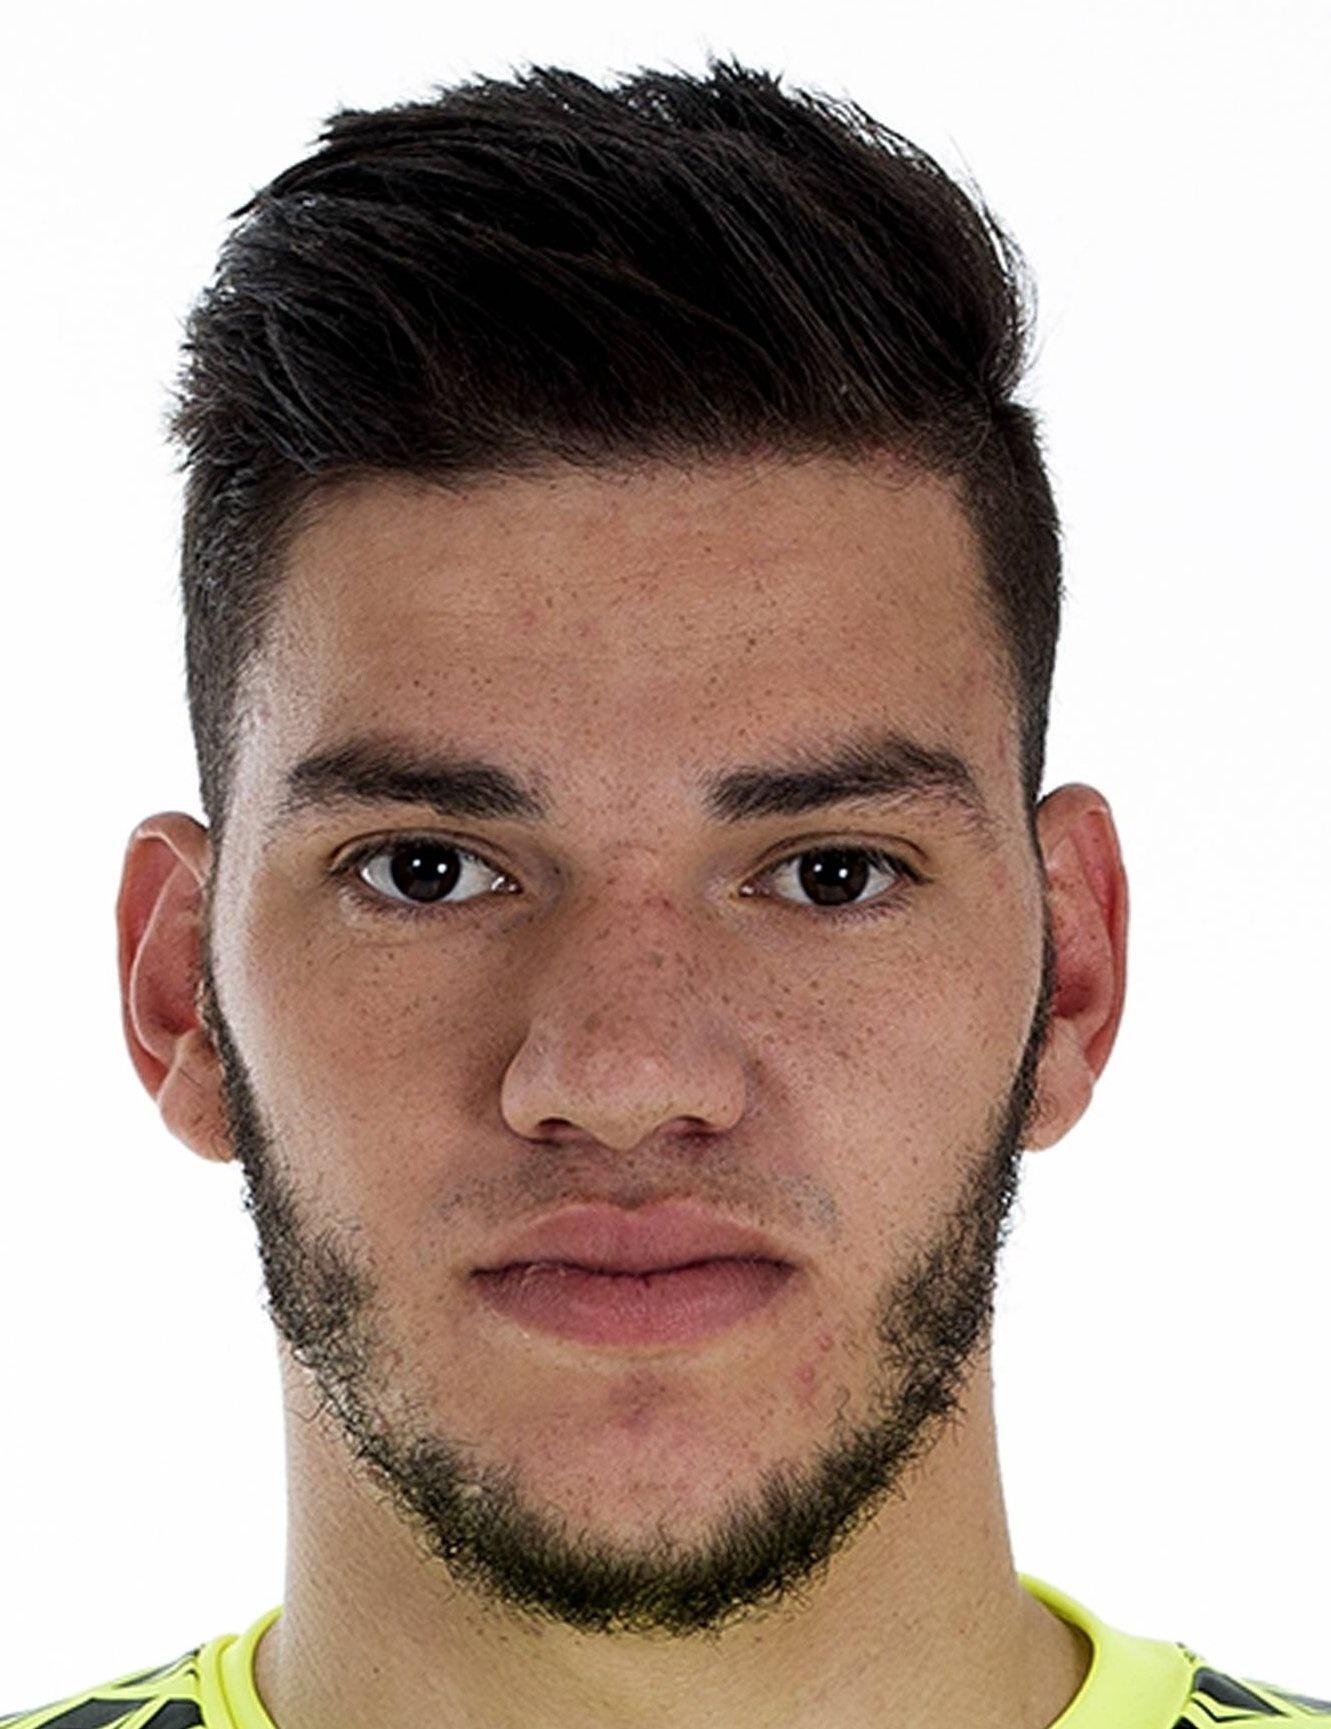 Ederson Player Profile 17 18